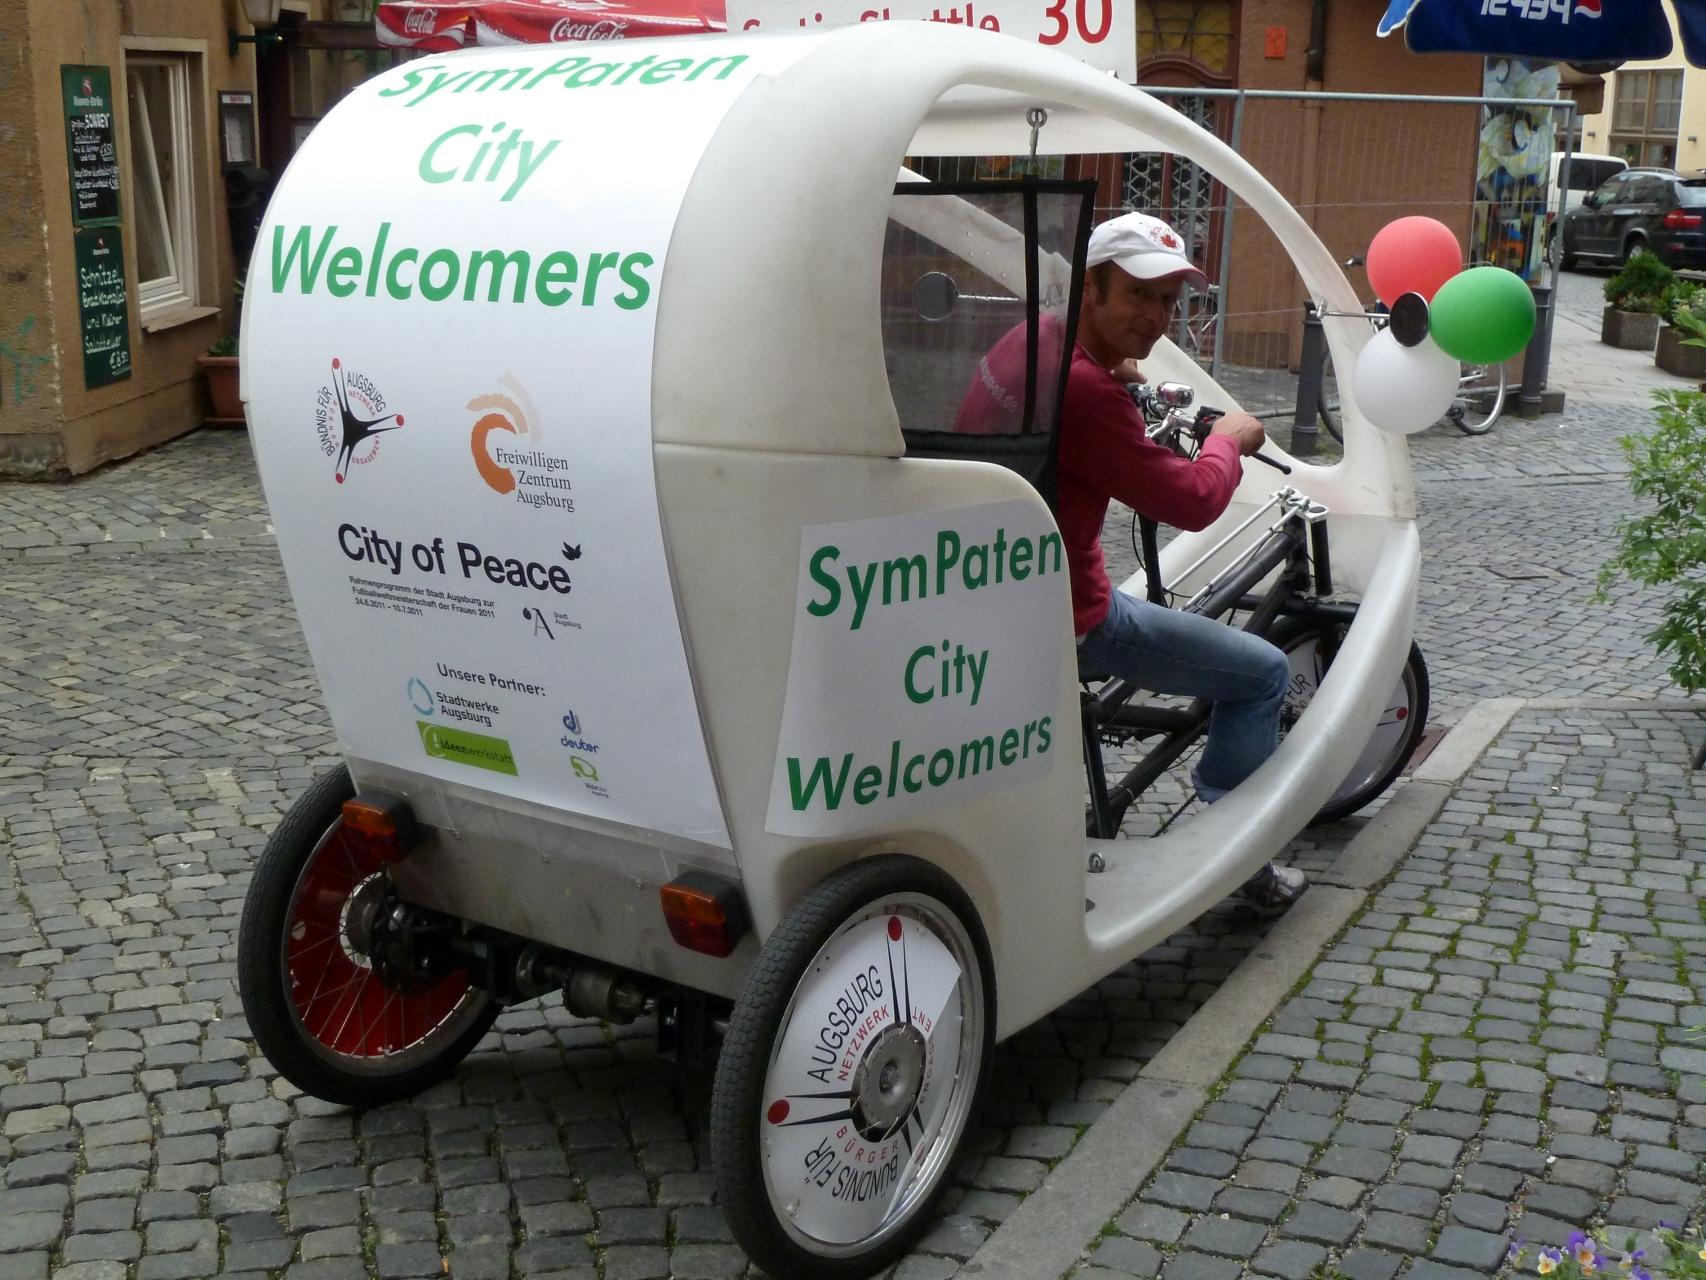 SymPaten - City Welcomers 2011 - Werbung auf Velotaxi Augsburg - Foto: Bernd Beigl - Freiwilligen-Zentrum Augsburg